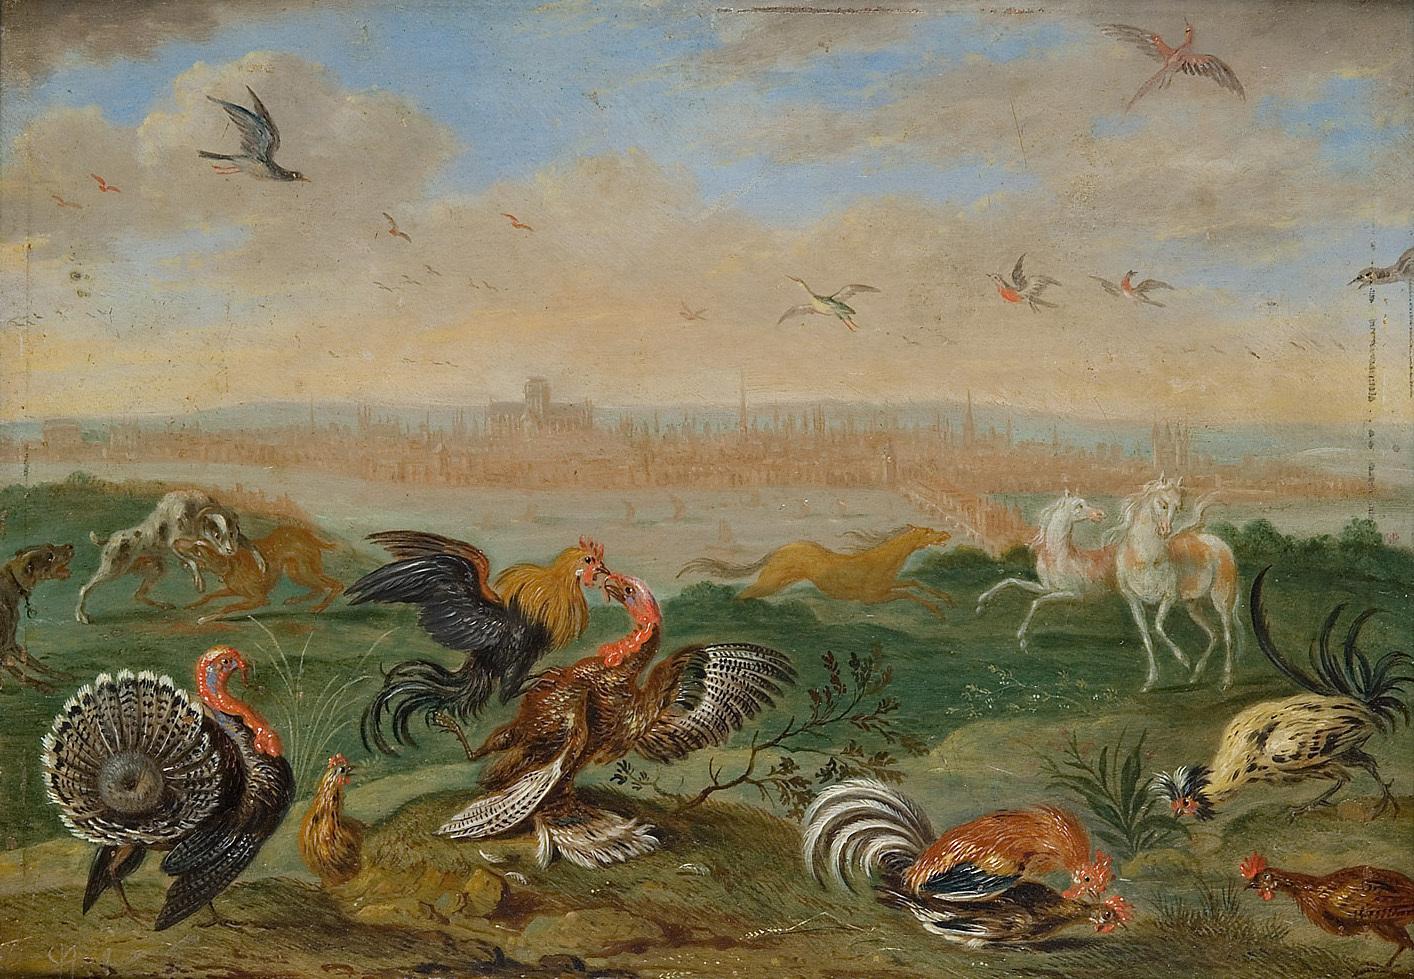 Ansichten aus den vier Weltteilen mit Szenen von Tieren: London von Ferdinand van Kessel